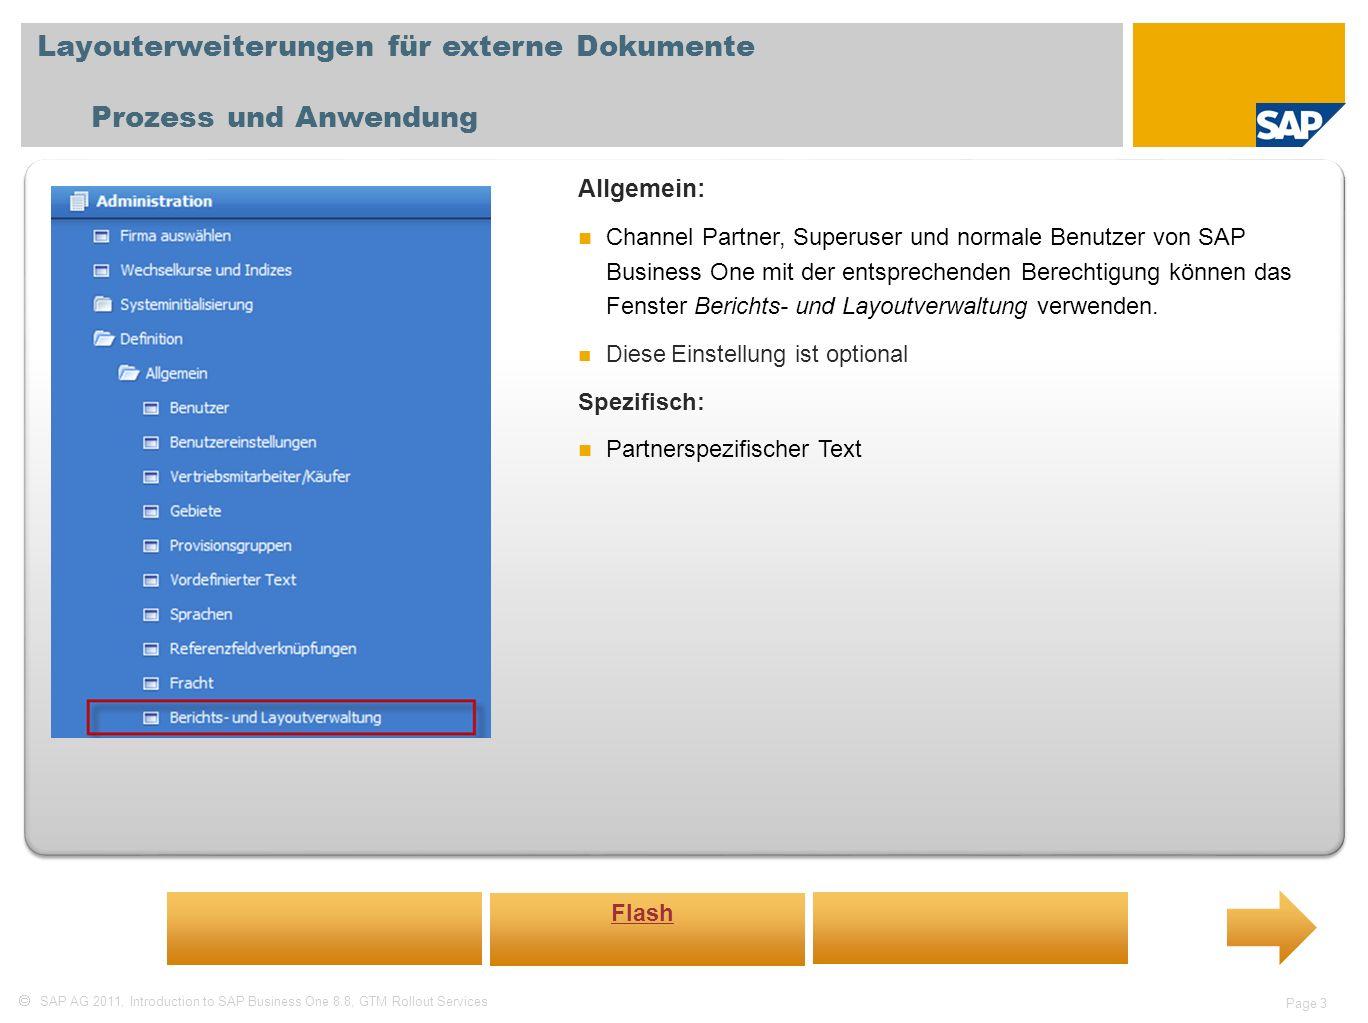 SAP AG 2011, Introduction to SAP Business One 8.8, GTM Rollout Services Page 3 Layouterweiterungen für externe Dokumente Prozess und Anwendung Allgemein: Channel Partner, Superuser und normale Benutzer von SAP Business One mit der entsprechenden Berechtigung können das Fenster Berichts- und Layoutverwaltung verwenden.